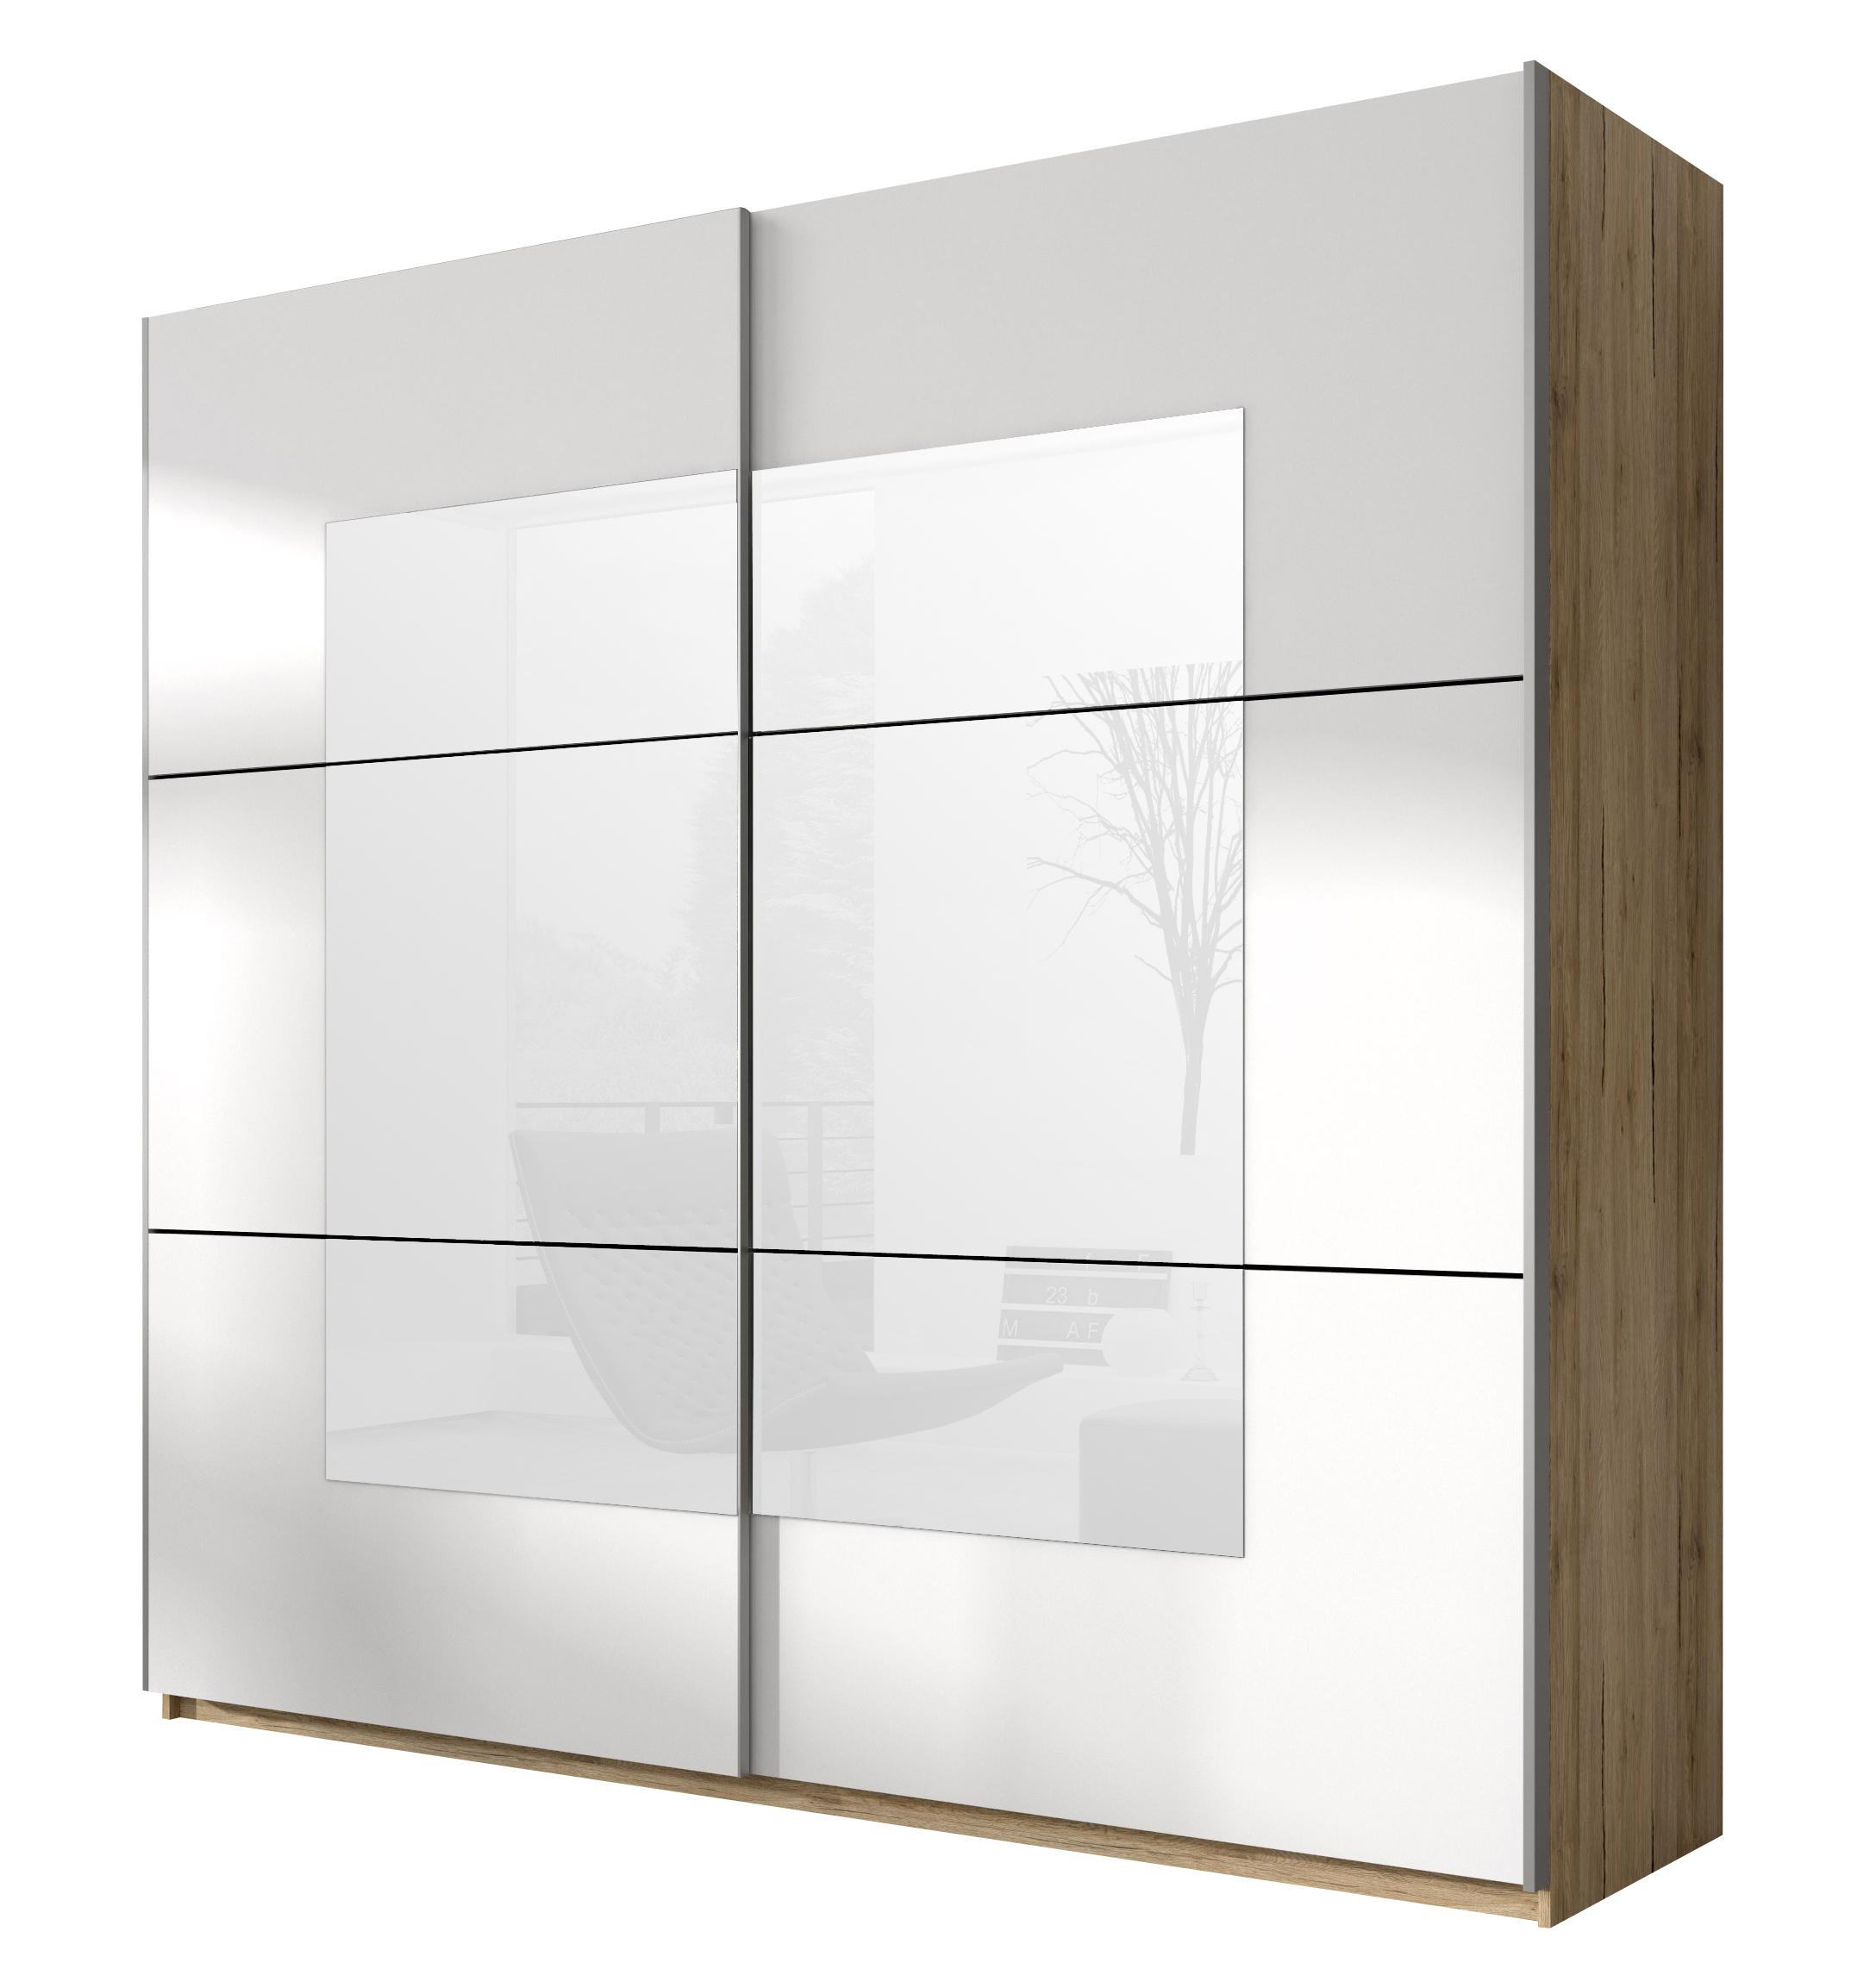 Šatní skříň - Benson - Typ 58 (san remo světlý + bílá + zrcadlo)